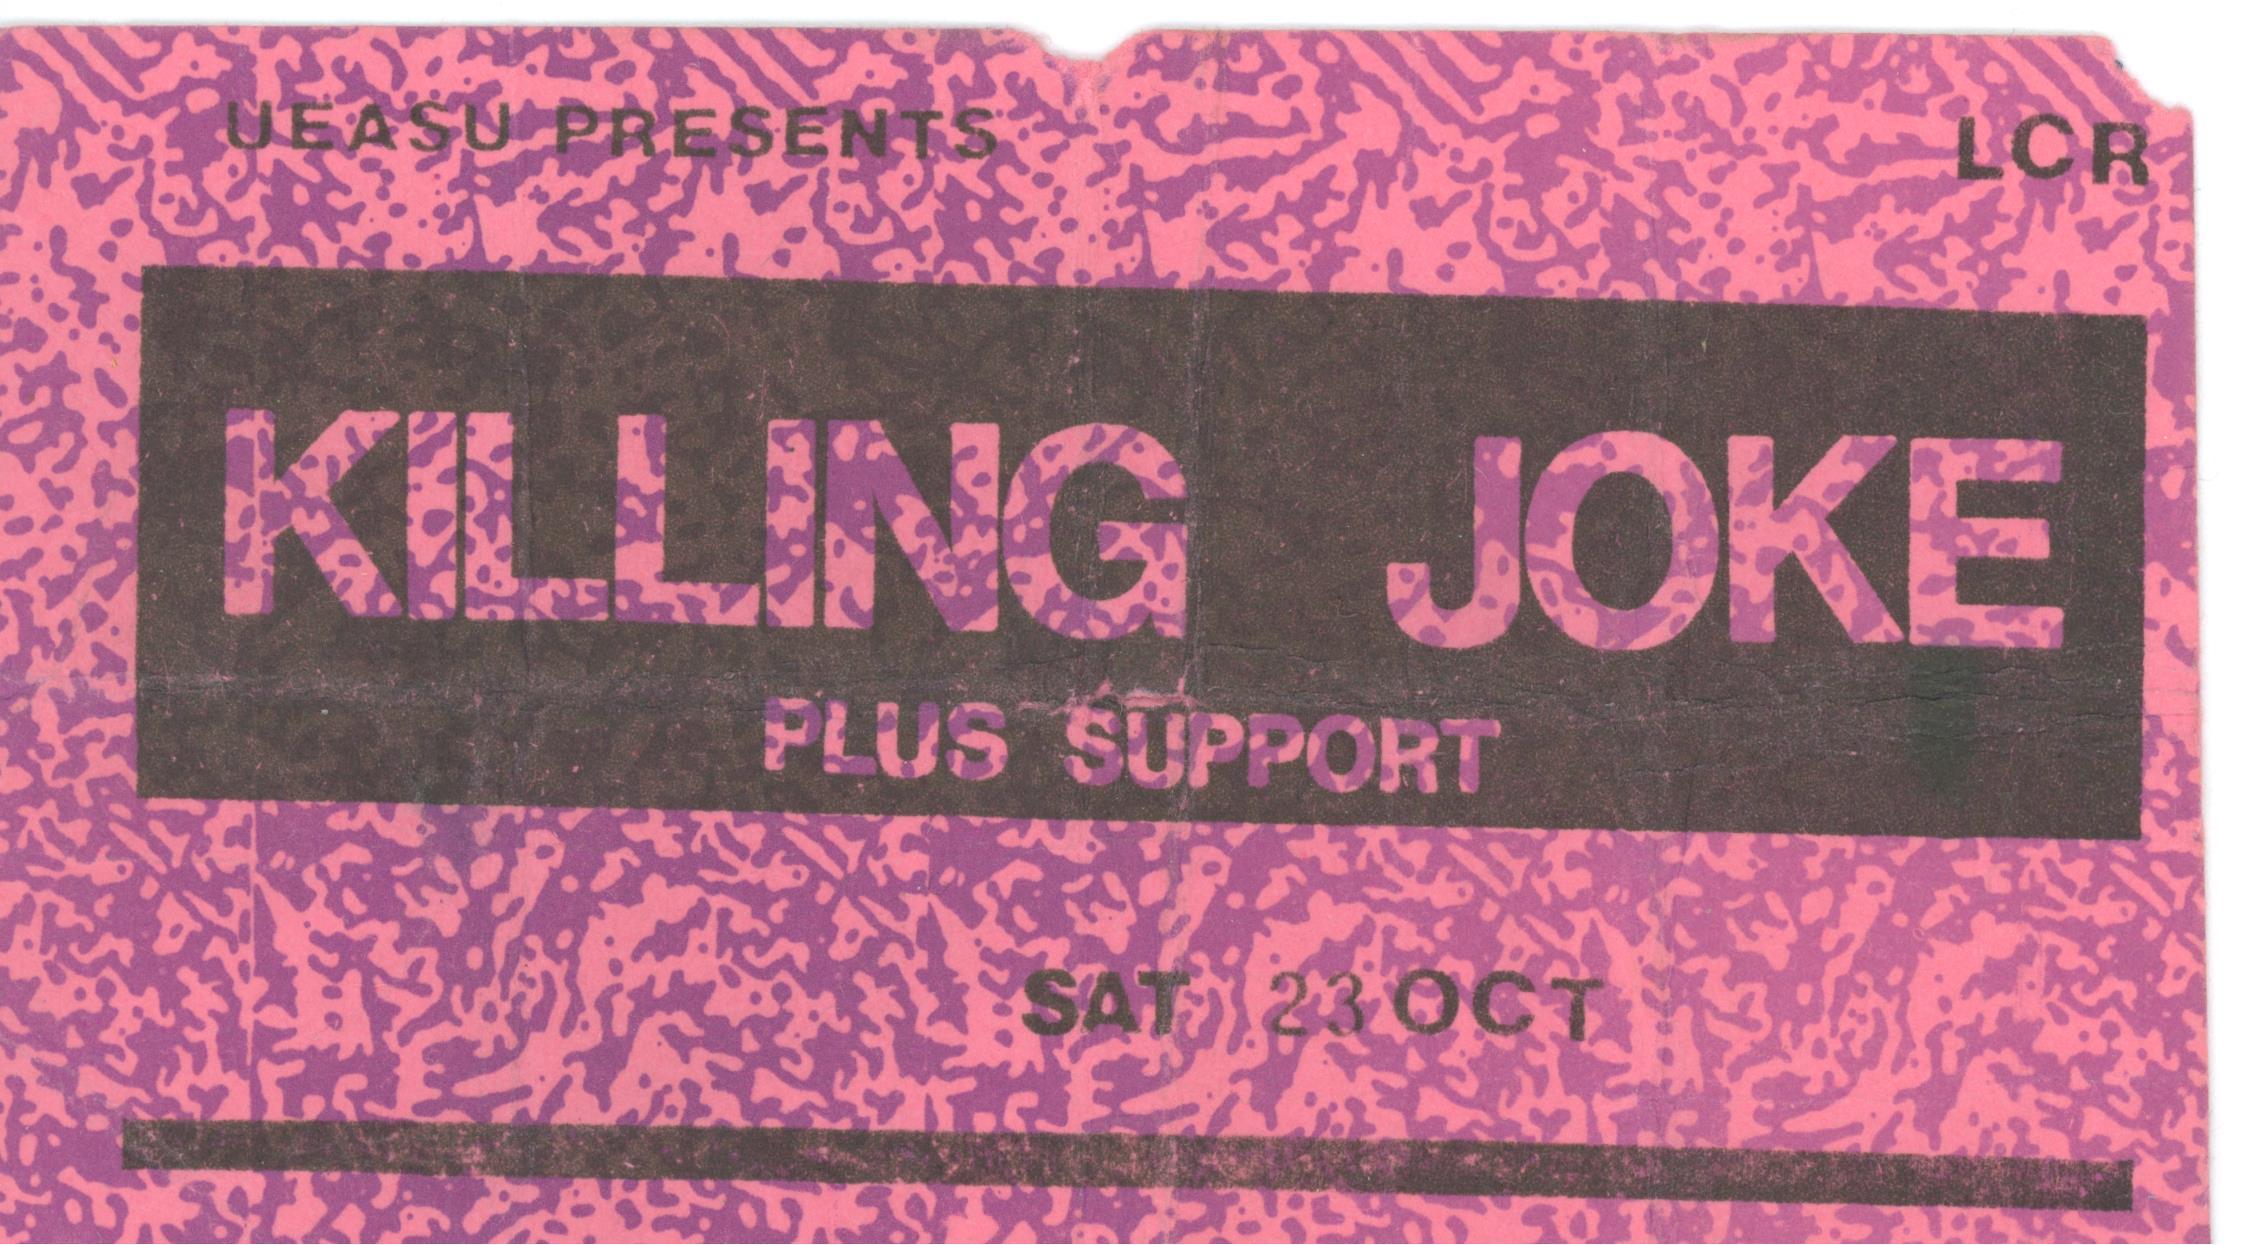 killing joke 1982